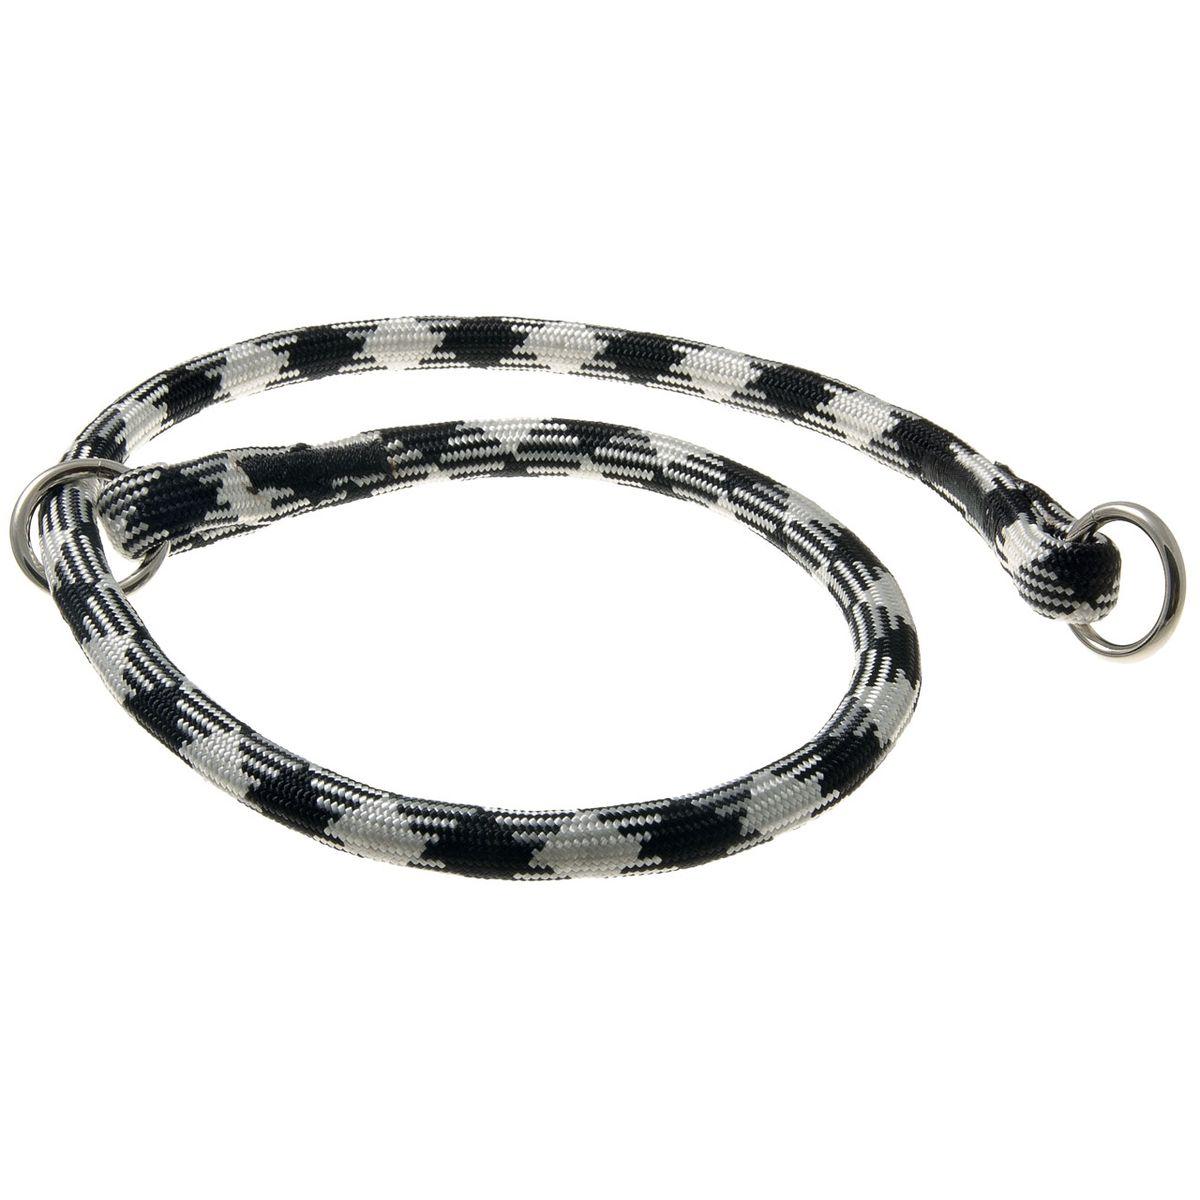 Ошейник-удавка с 2-я кольцами круглый Арлекин 13 мм*80 см (черно-белый)76-2143